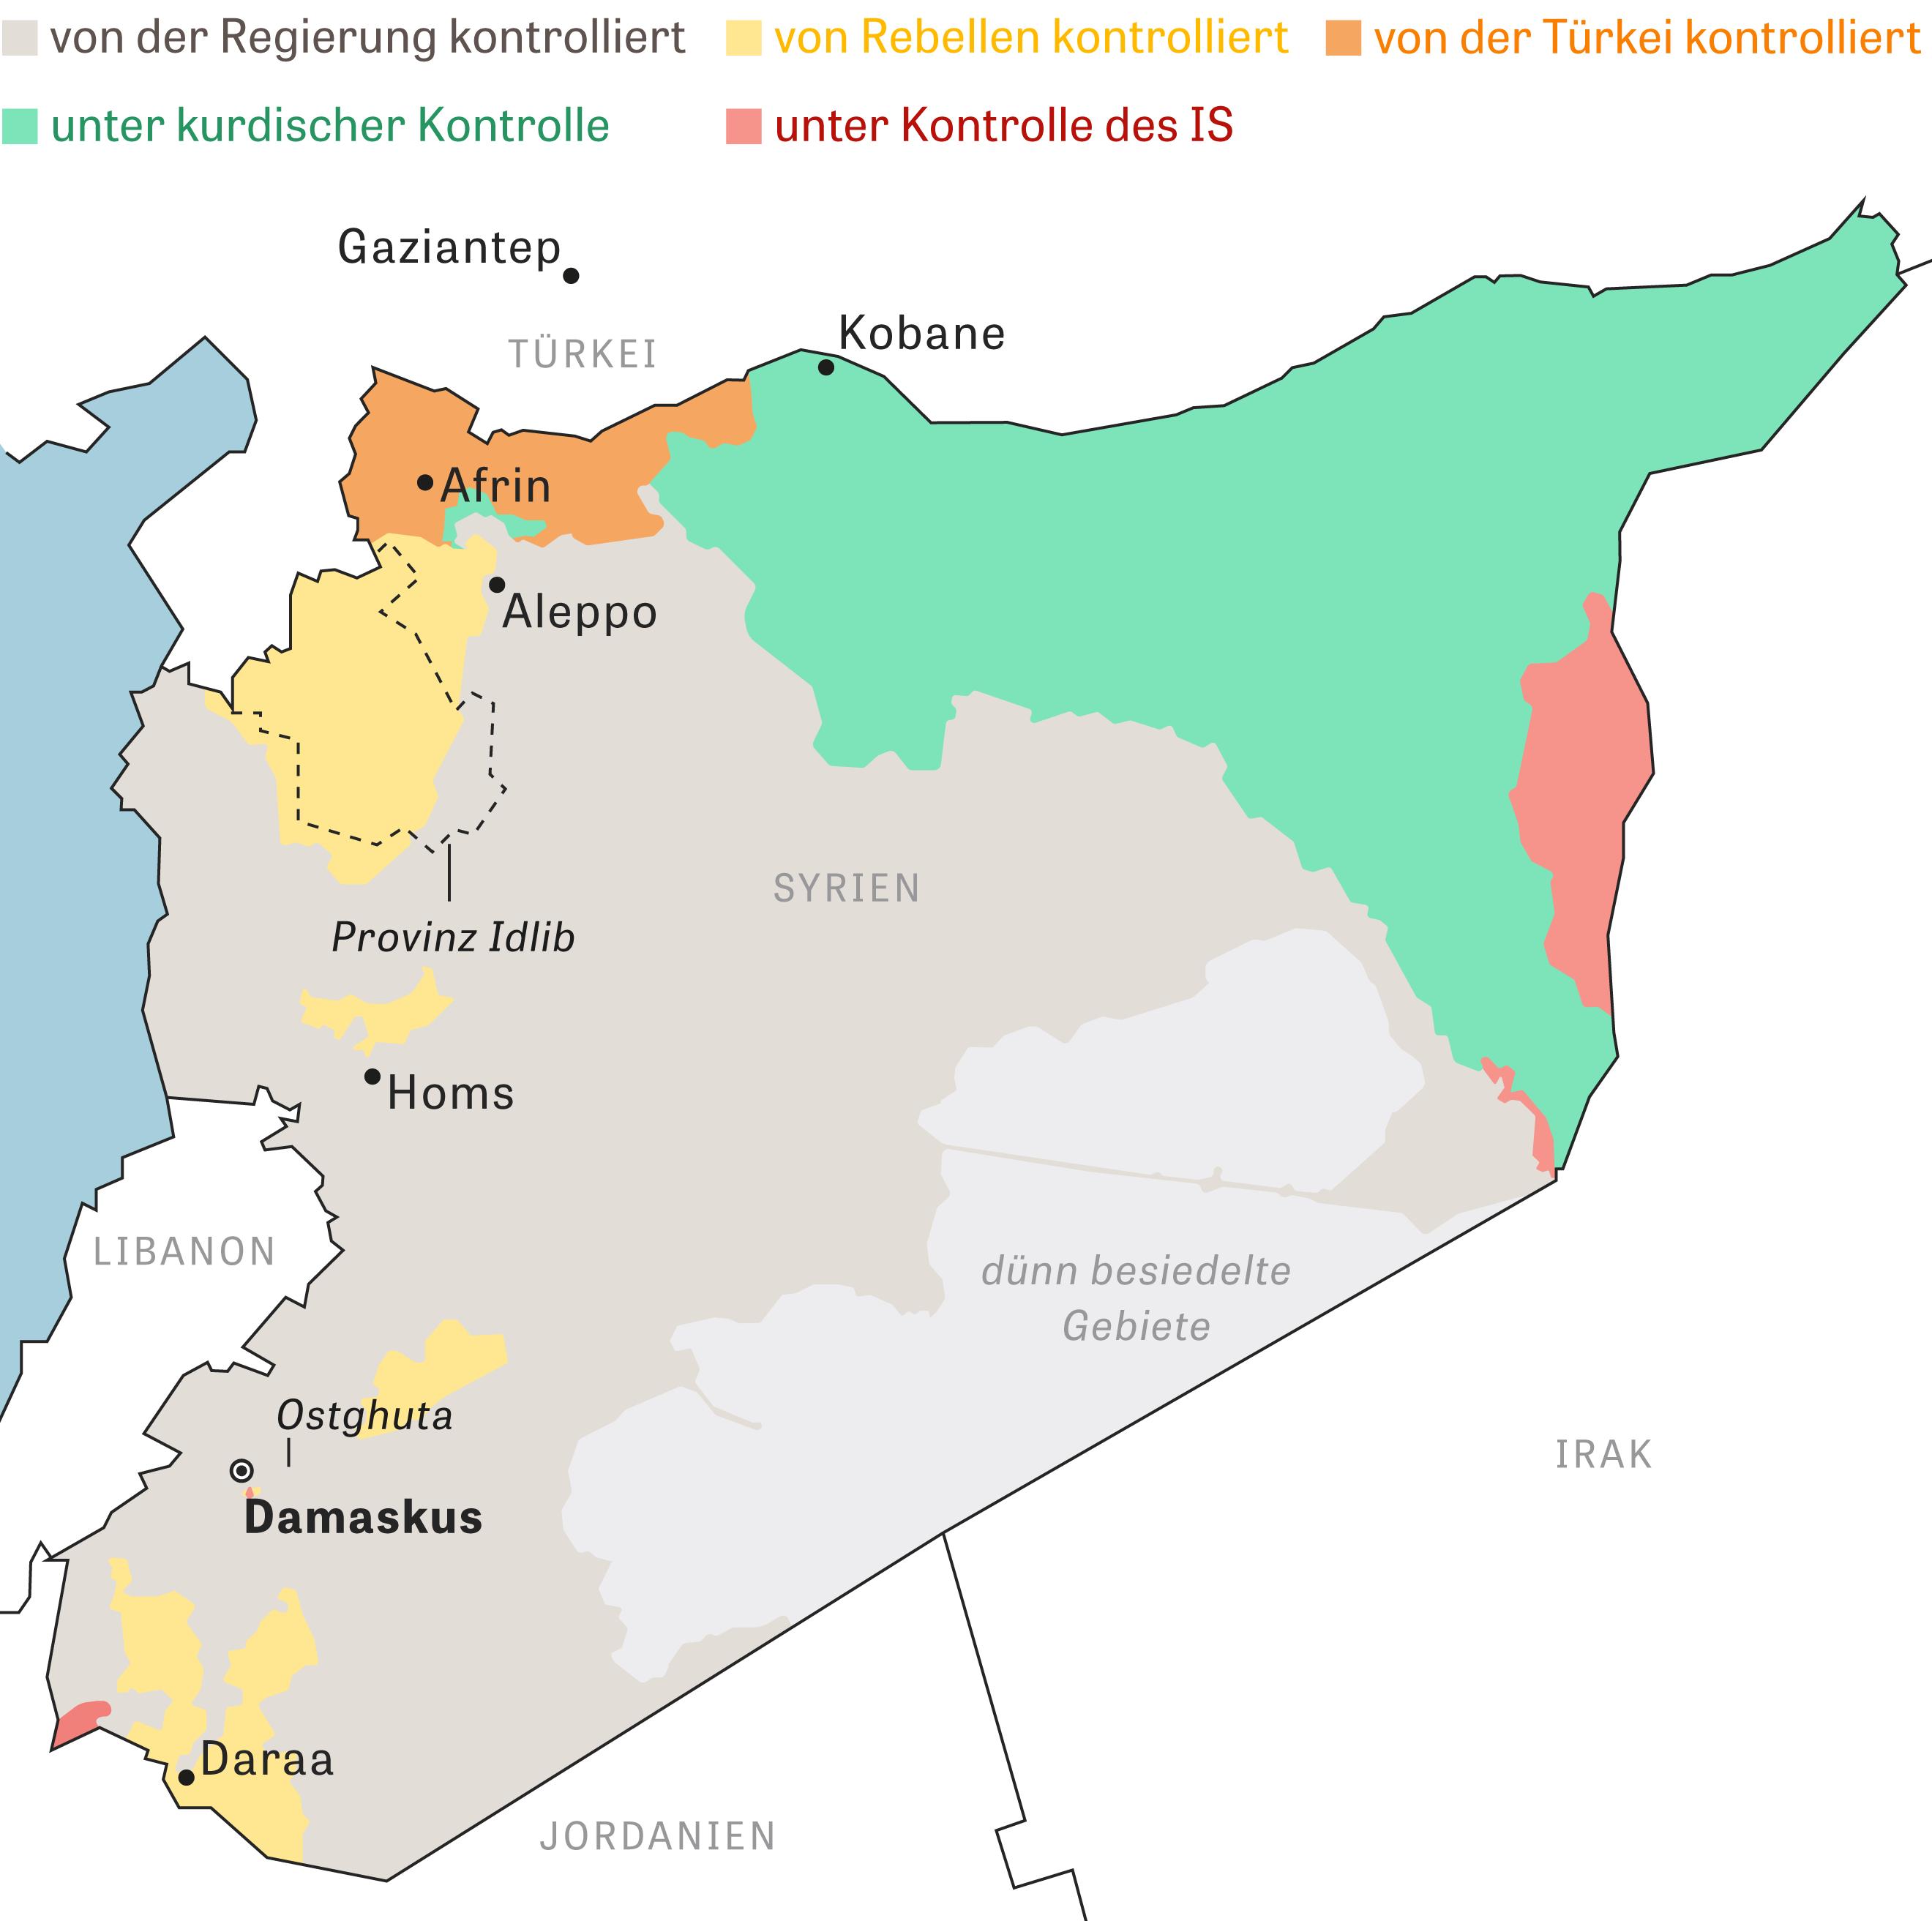 Syrien: Die Situation in Syrien